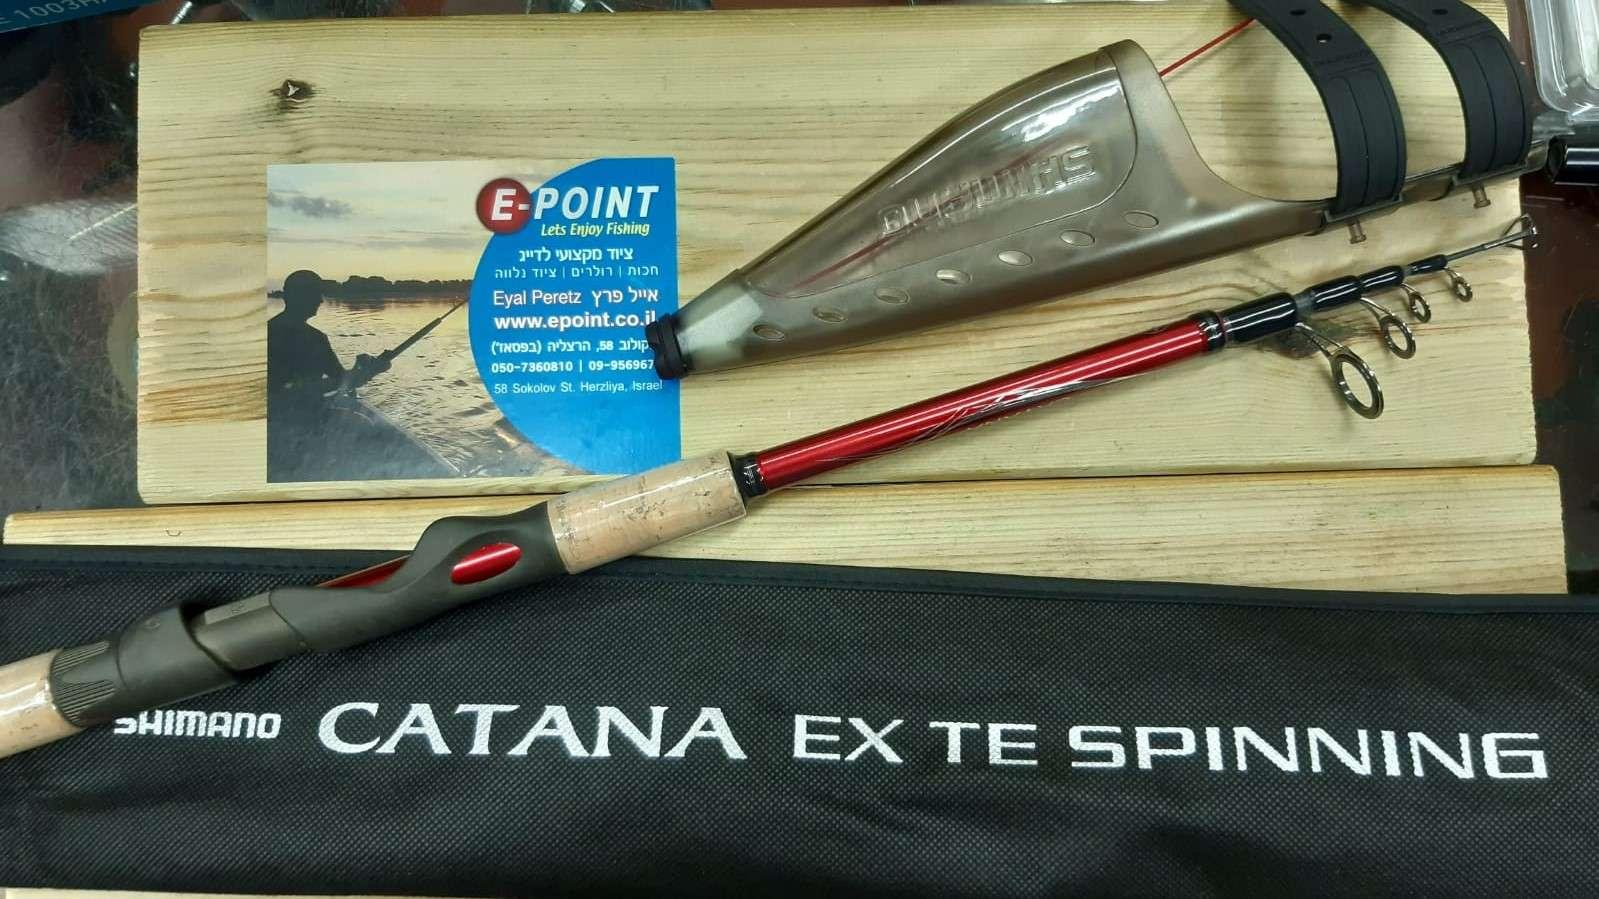 shimano Catana EX TE Spinning 180